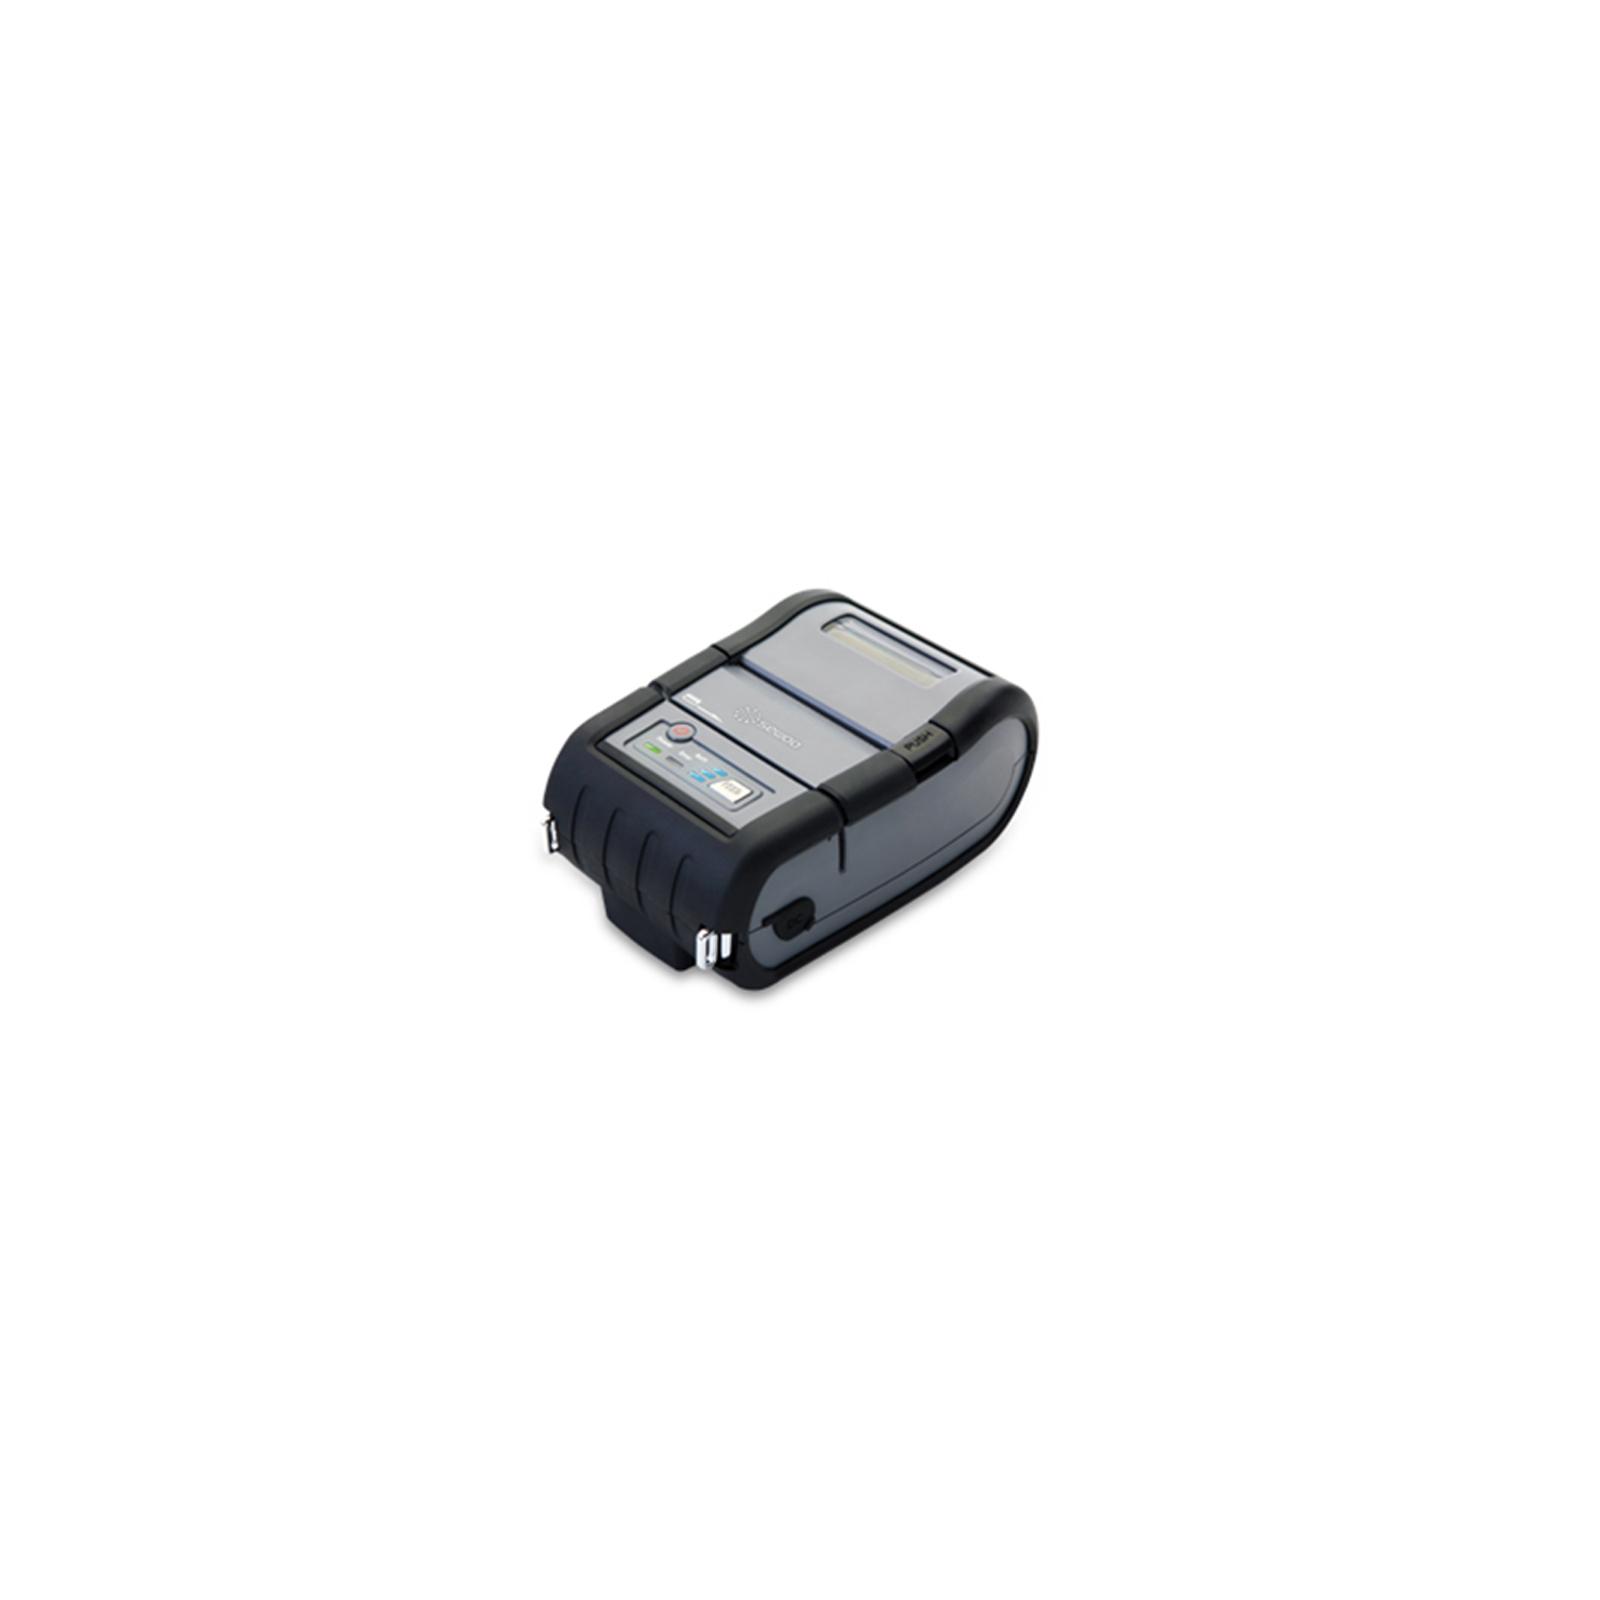 Фискальный регистратор Datecs CMP-10М (1142050131)